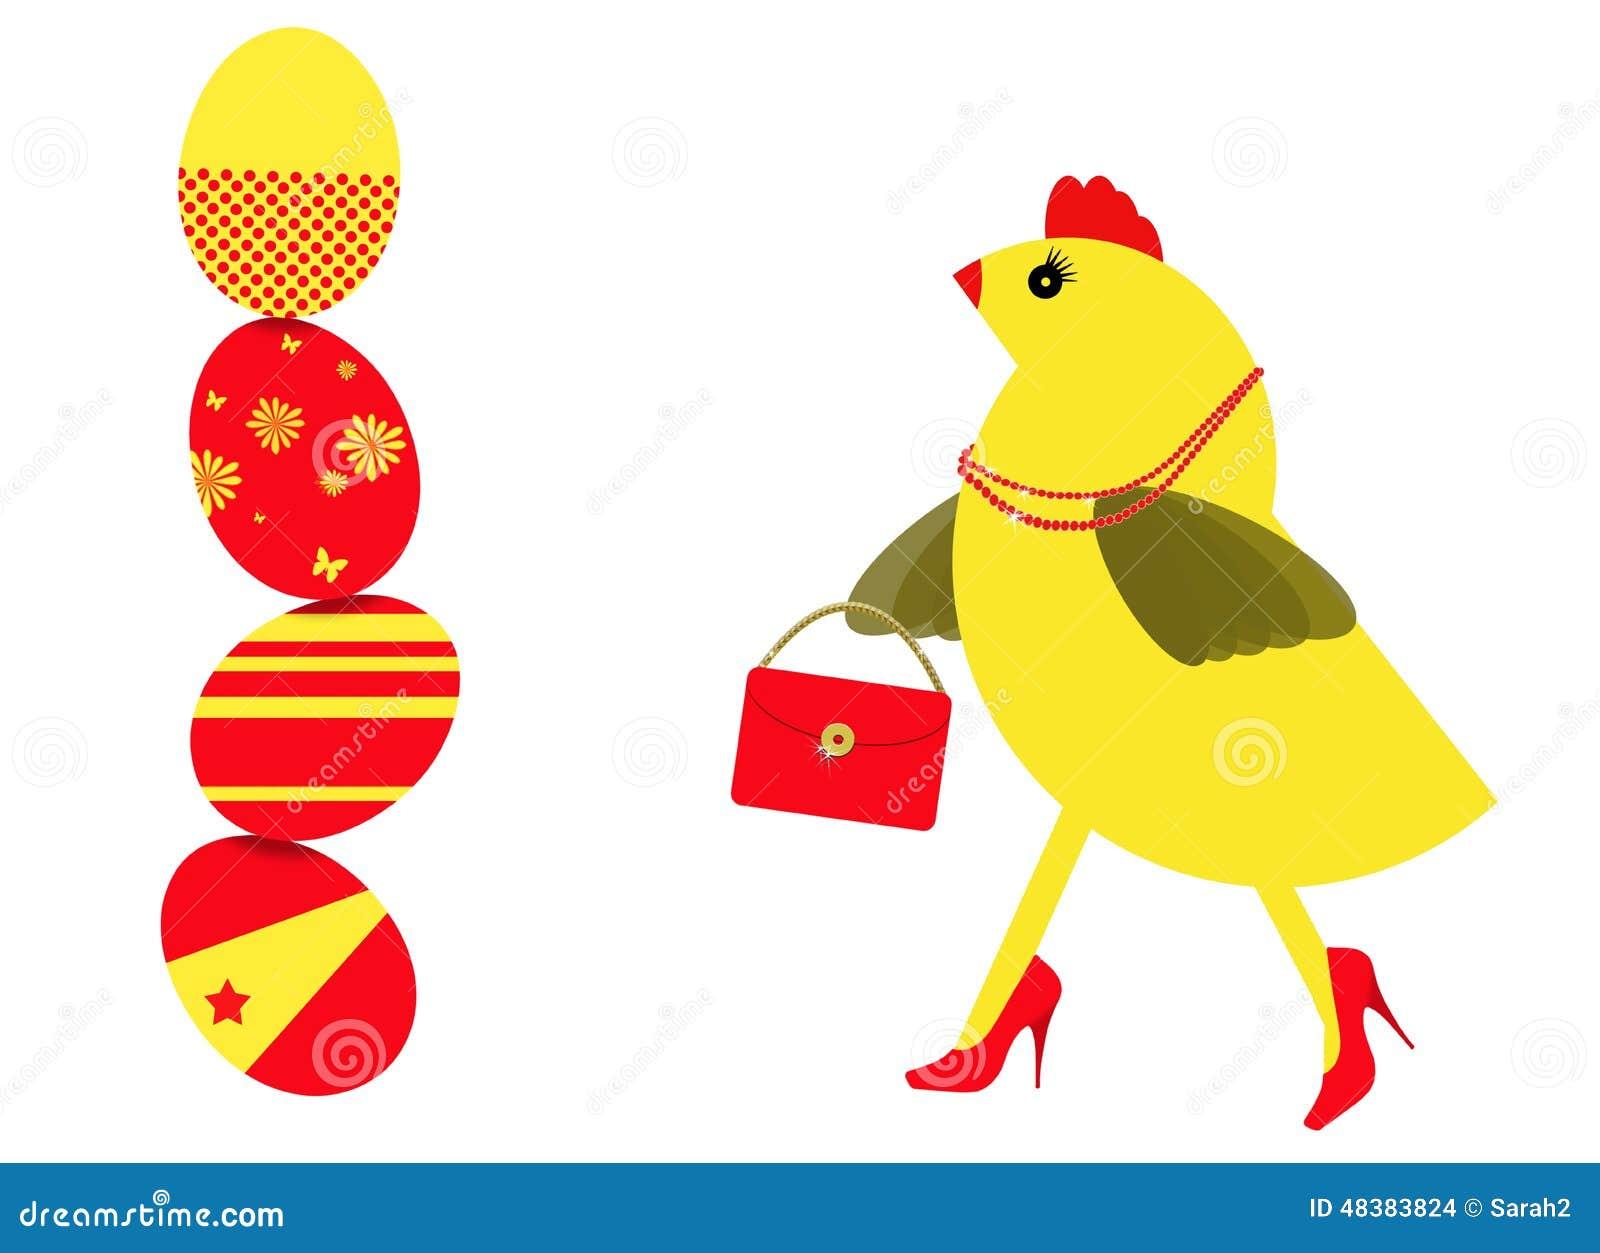 ... Shopping For Easter Eggs Stock Illustration - Image: 48383824